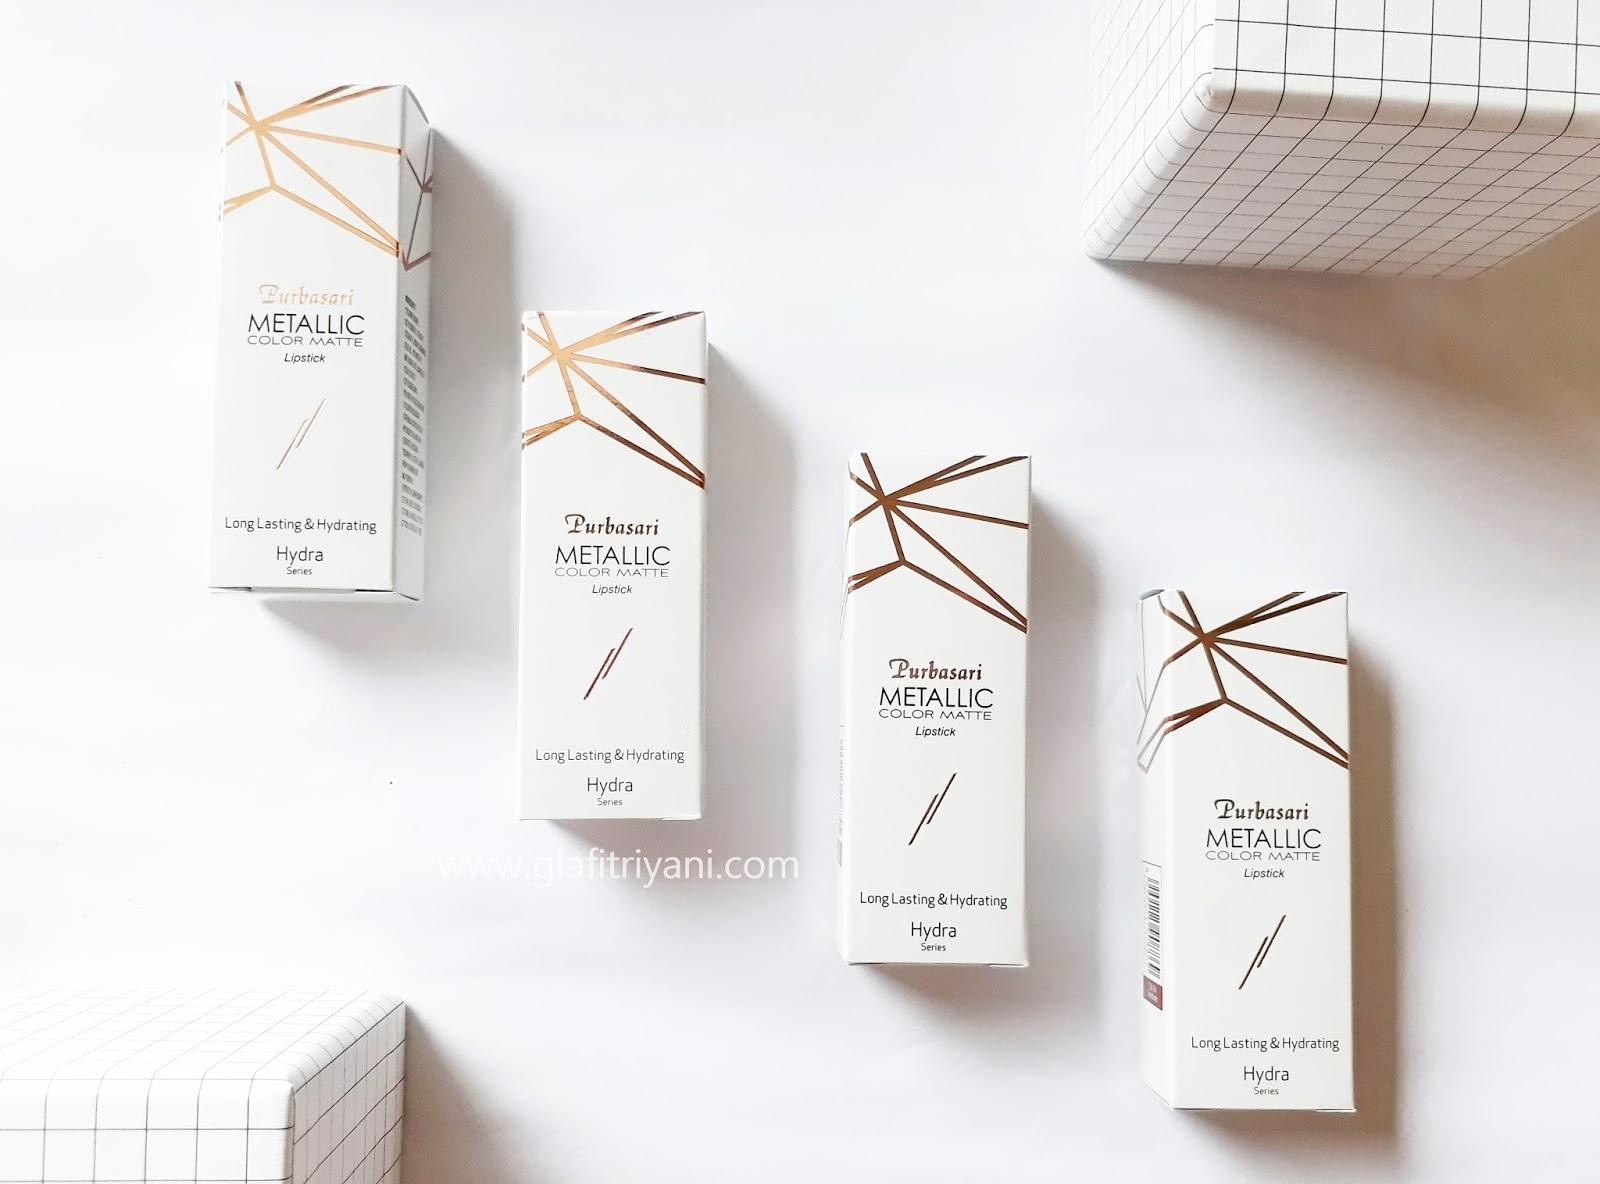 Review Purbasari Metallic Color Matte Lipstick Gia By Fitriyani Setelah Terkenal Dengan Lipsticknya Yang Aduhai Sekarang Mengeluarkan Seri Nya Dan Masih Dalam Bentuk